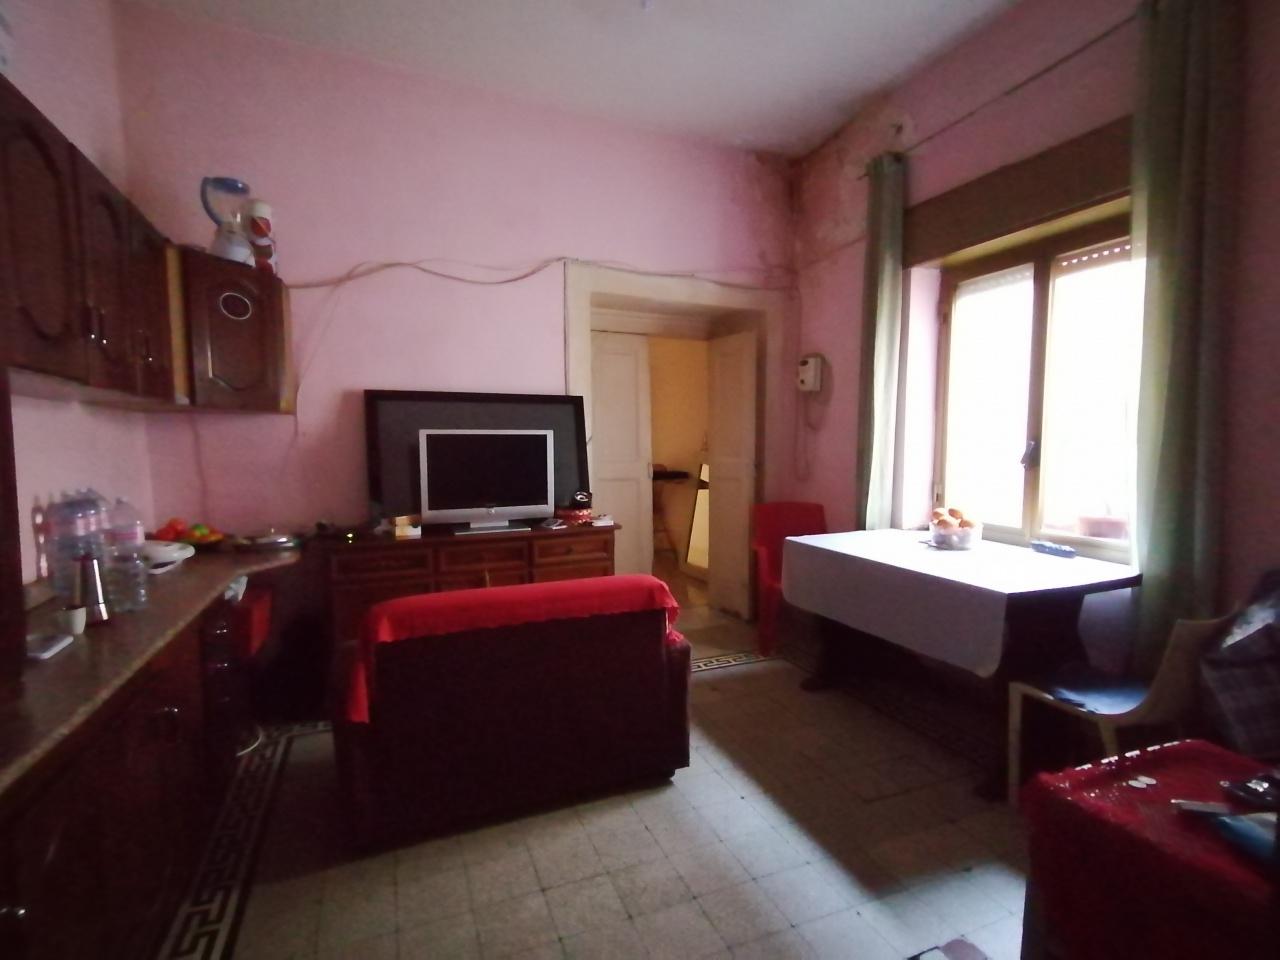 Appartamento bilocale in vendita a Napoli (NA)